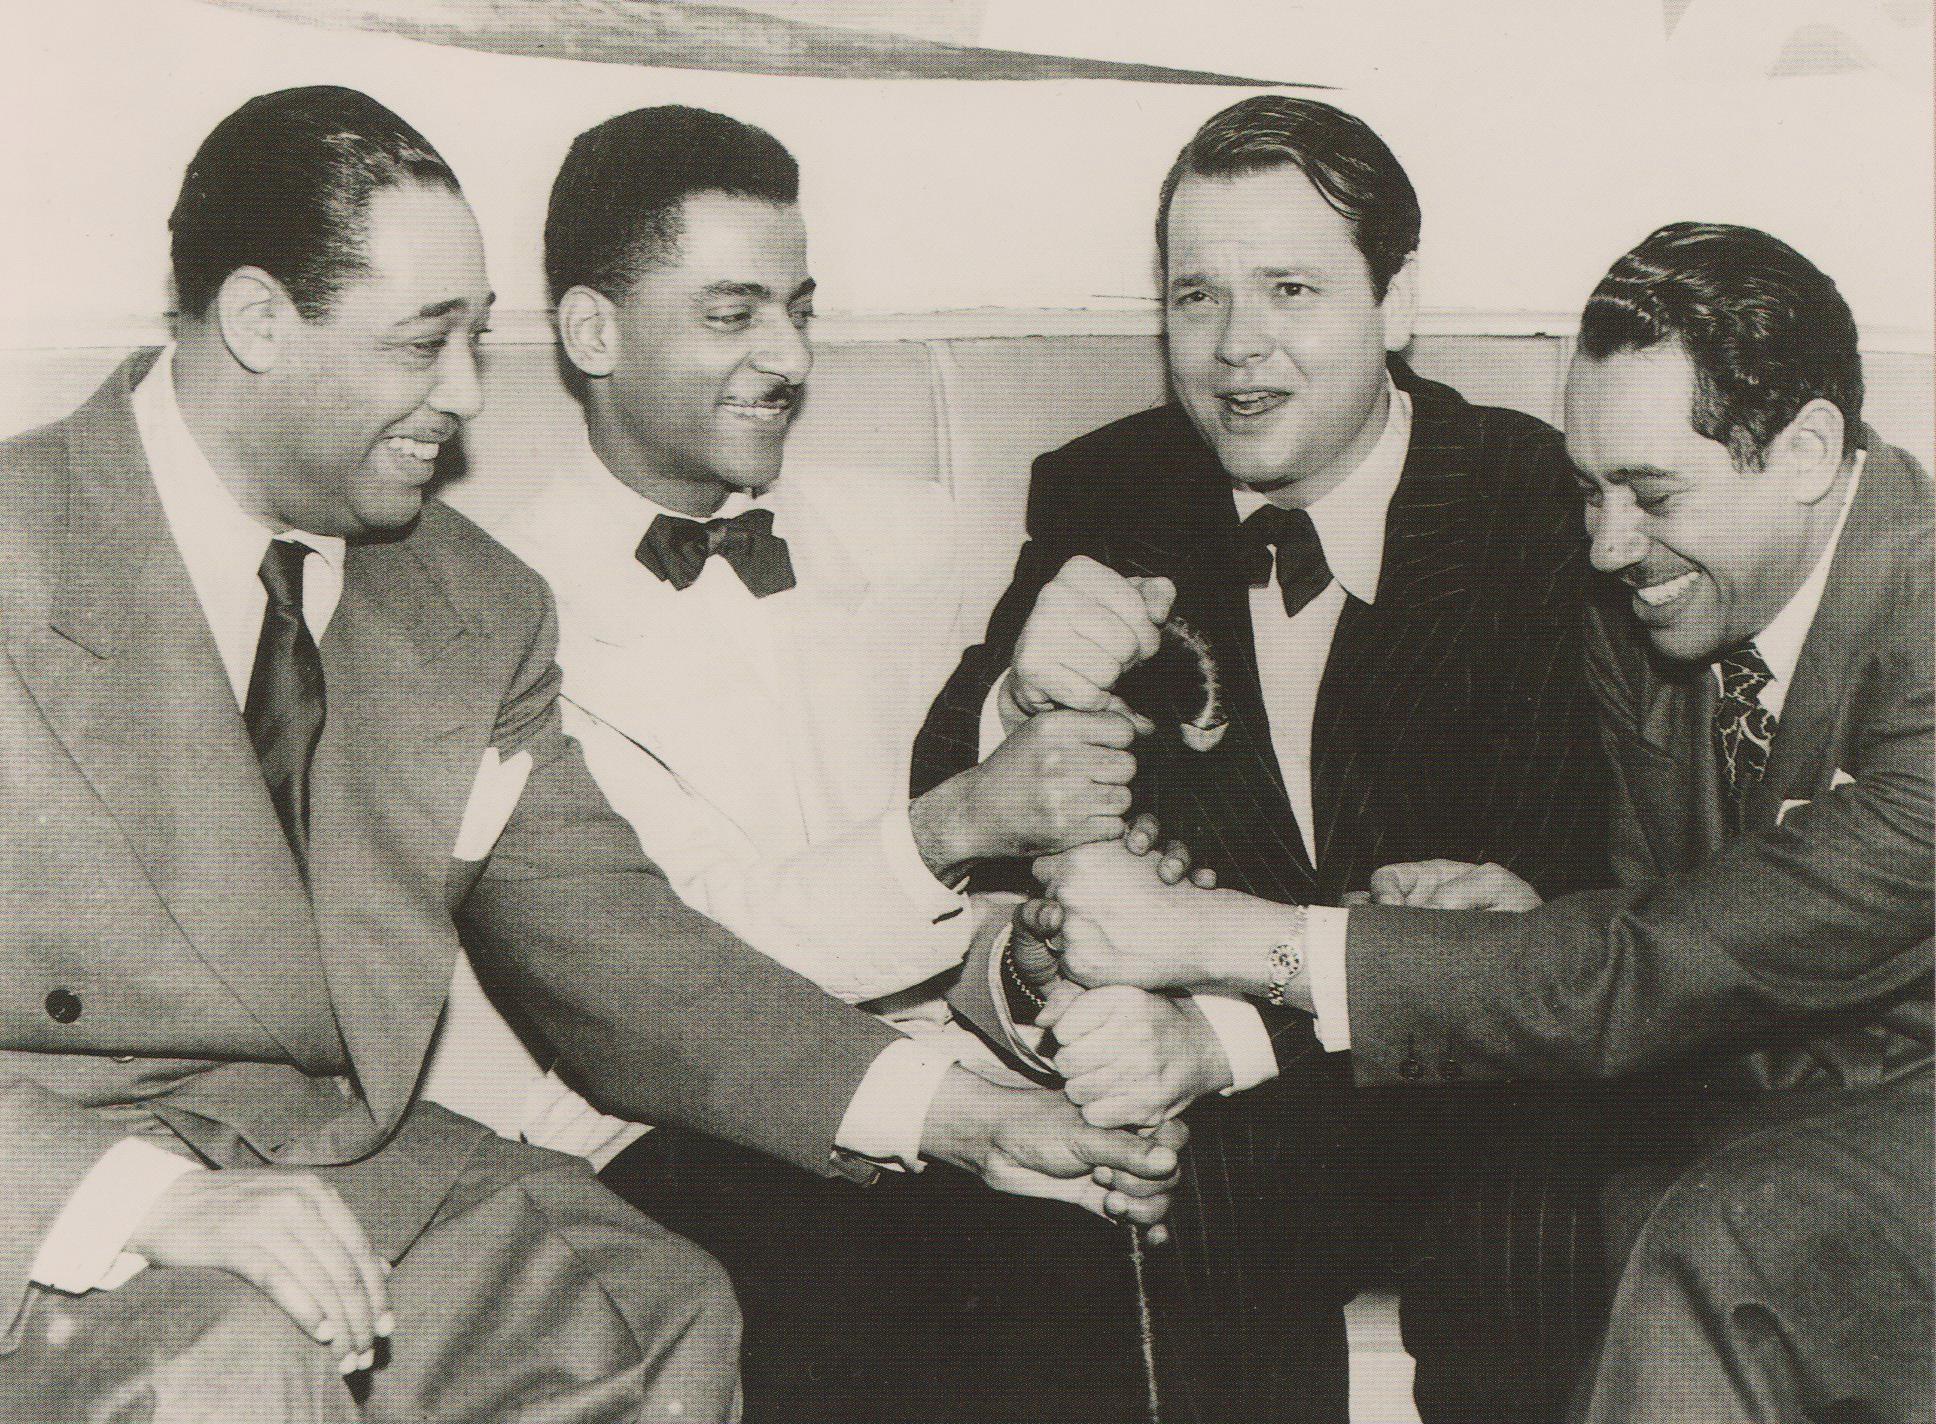 T Wilson O Welles C Calloway 1943 Café Society NY